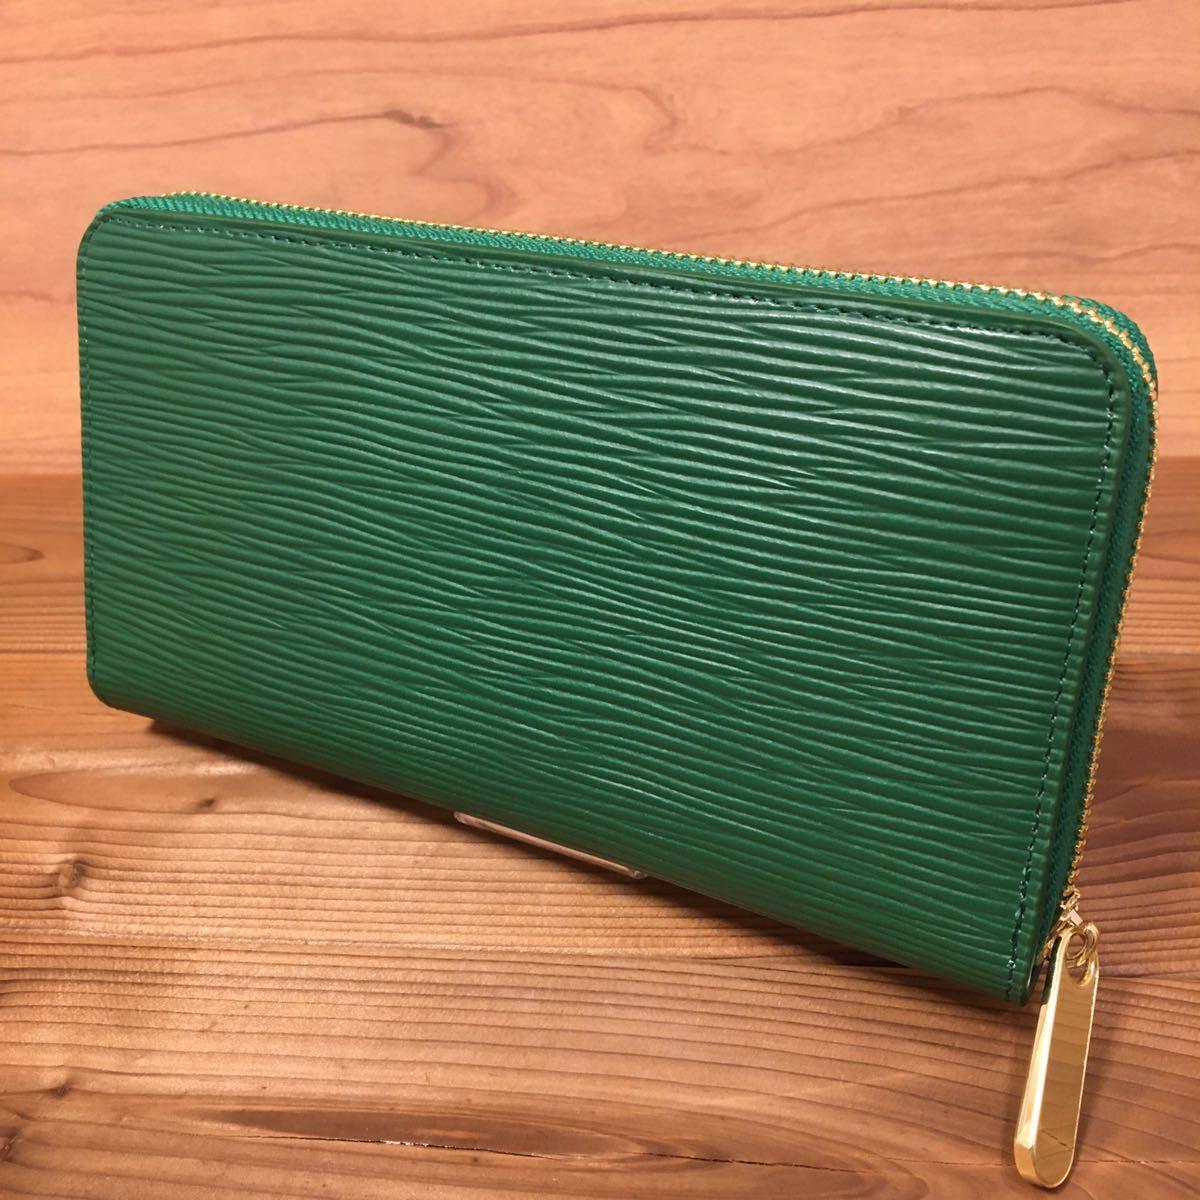 【送料無料】エピレザー 緑 グリーン 長財布ラウンドファスナー メンズ レディース 1円